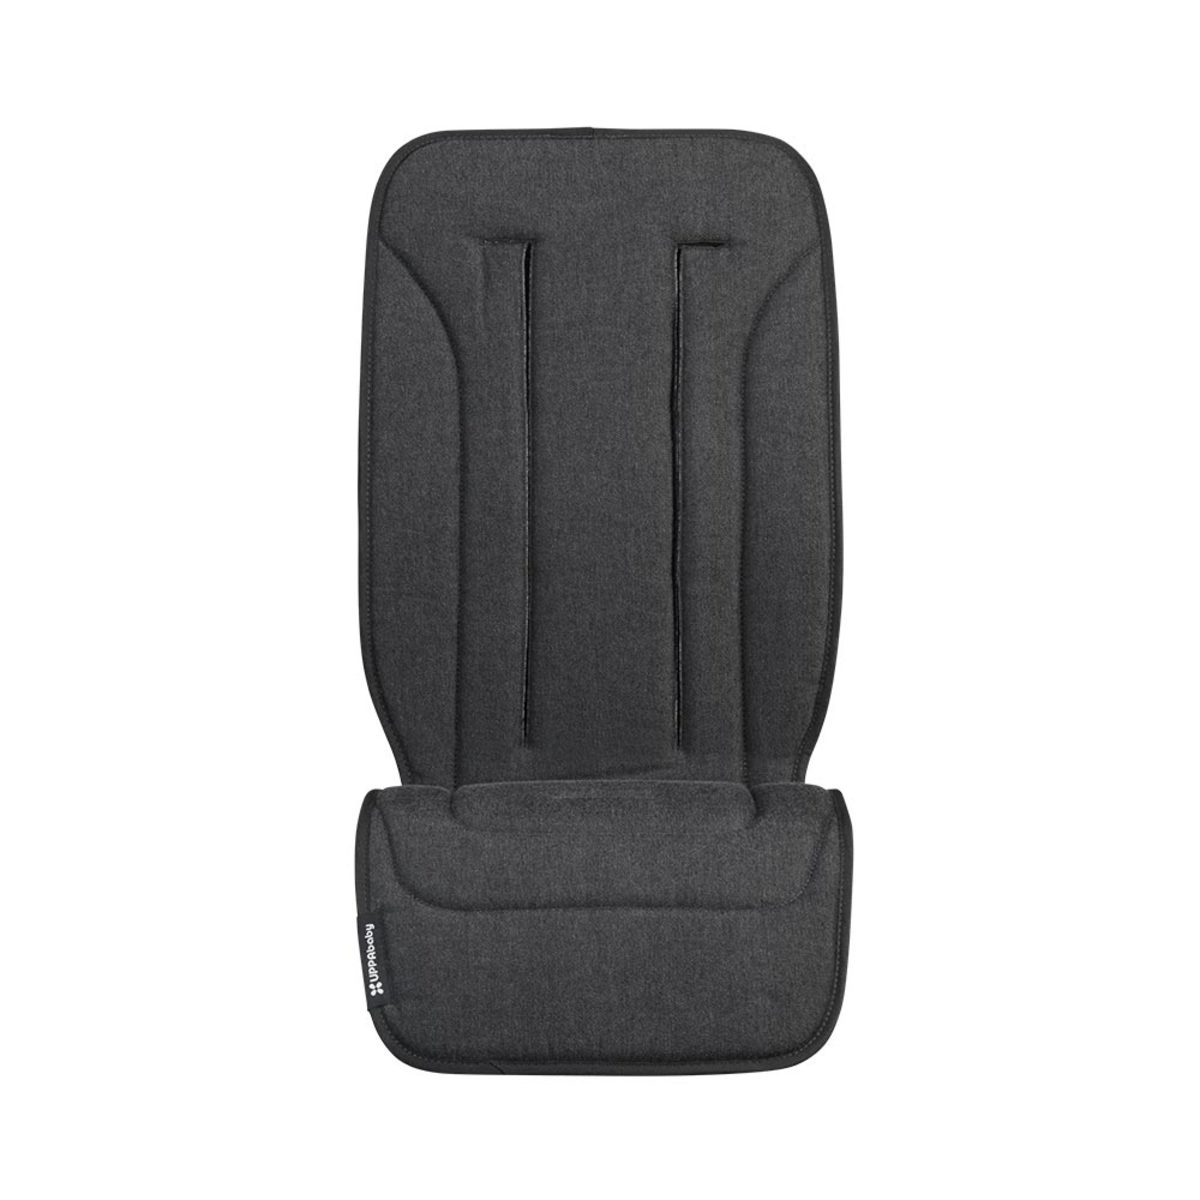 UPPAbaby colchoneta para silla